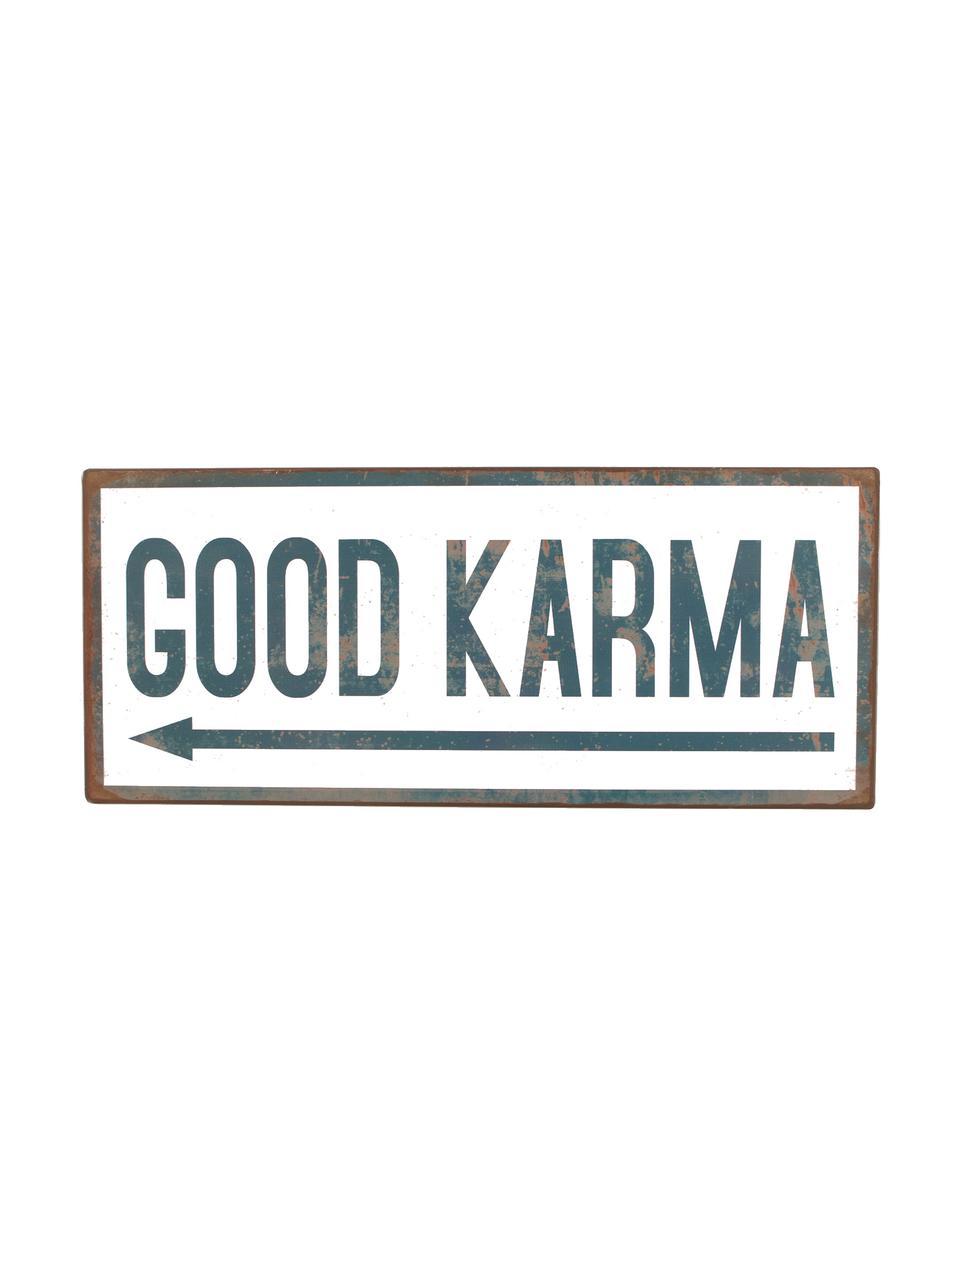 Wandschild Good Karma, Metall, mit Motivfolie beklebt, Weiß, Blau, 31 x 13 cm